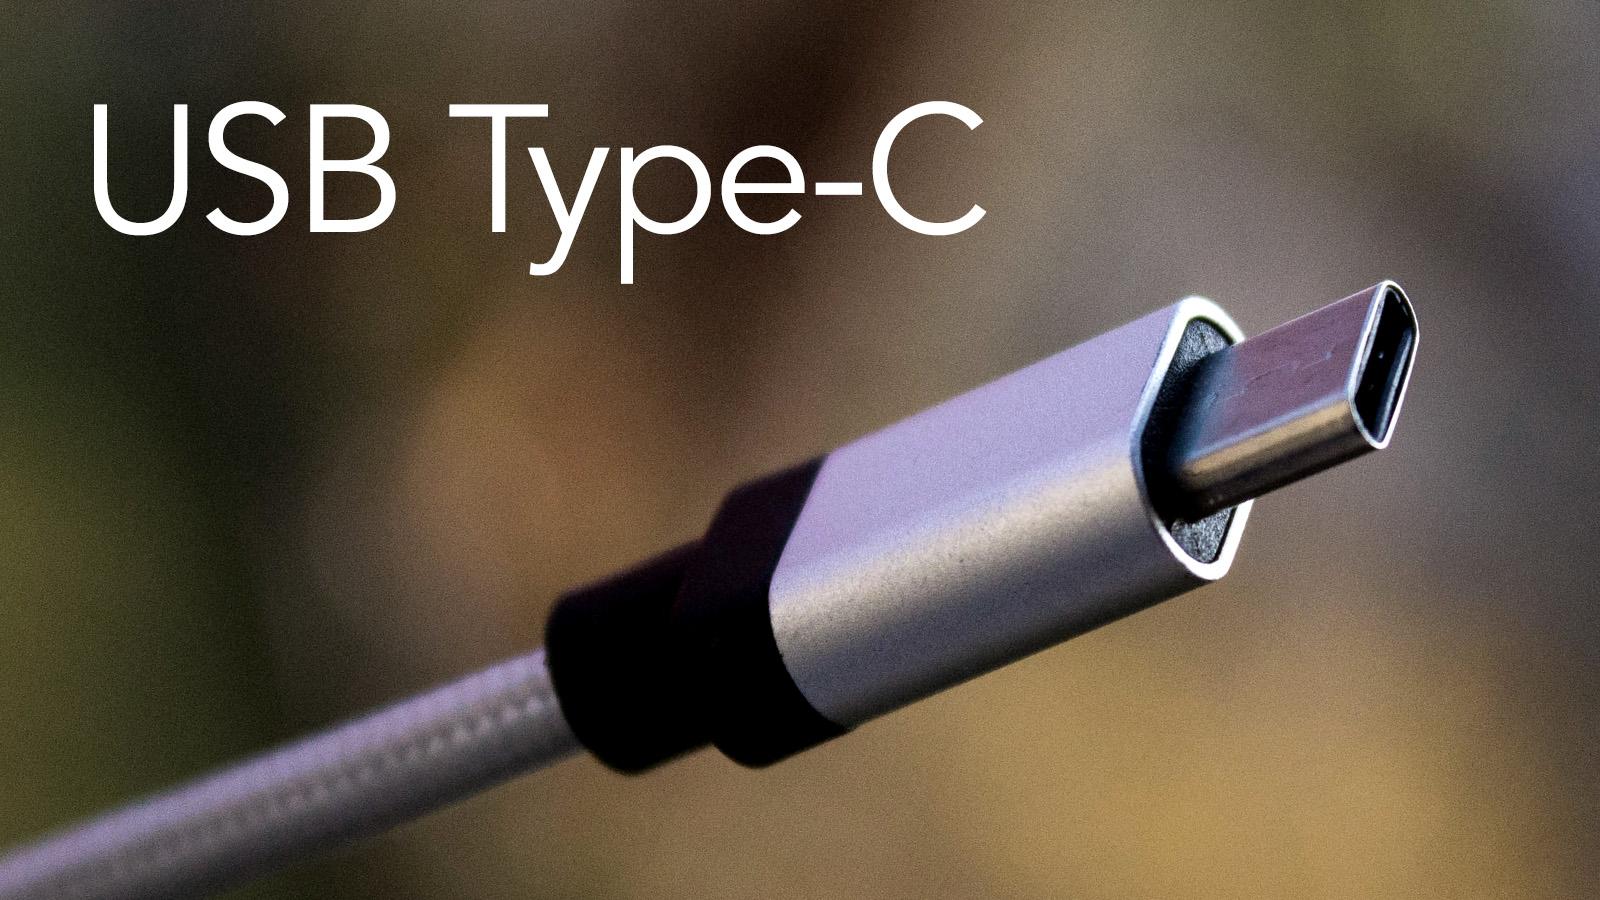 2016年 新型MacBook Pro USB Type-C